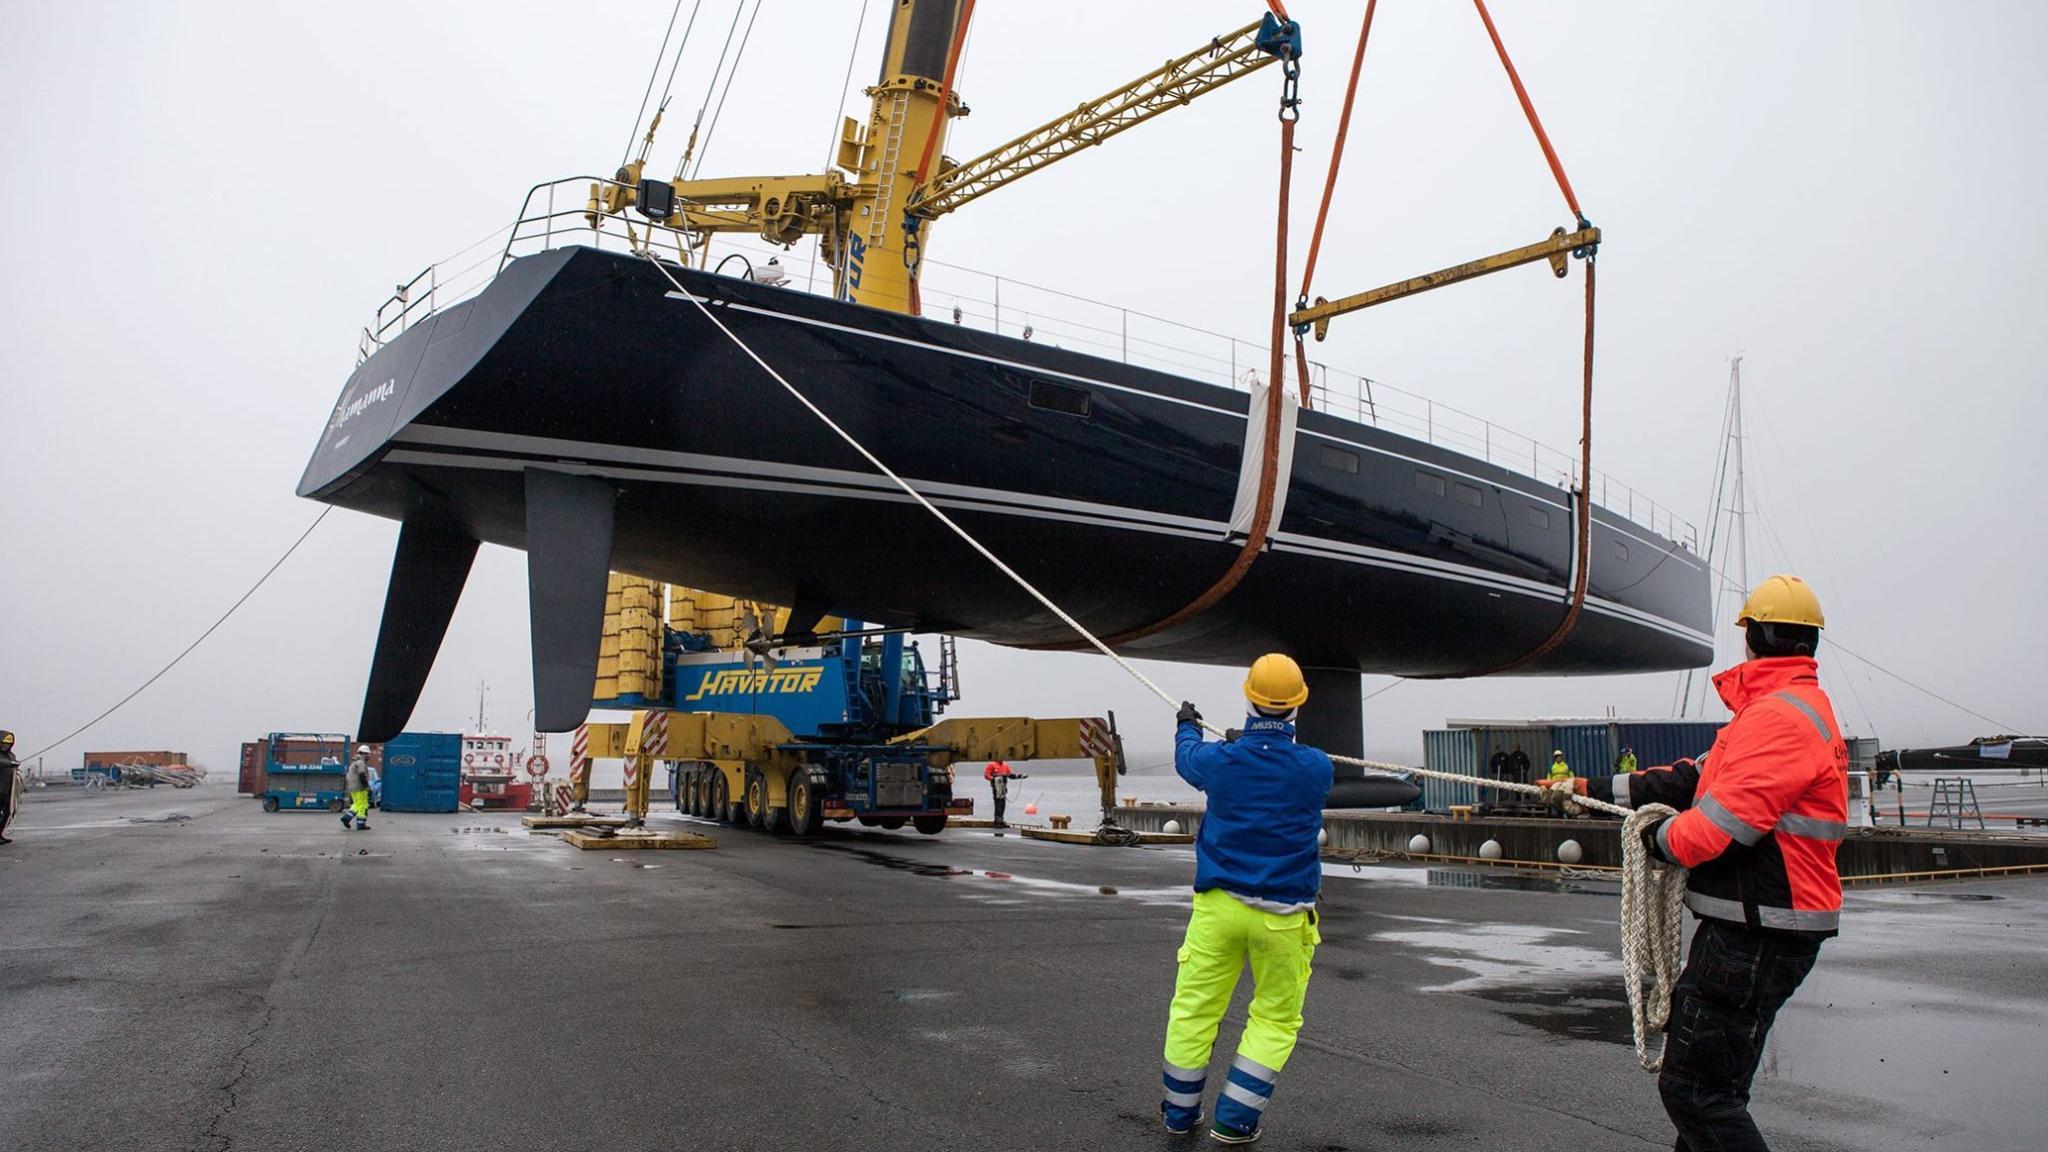 shamanna-motor-yacht-nautors-swan-115-fb-2016-35m-shipyard-hull-crane